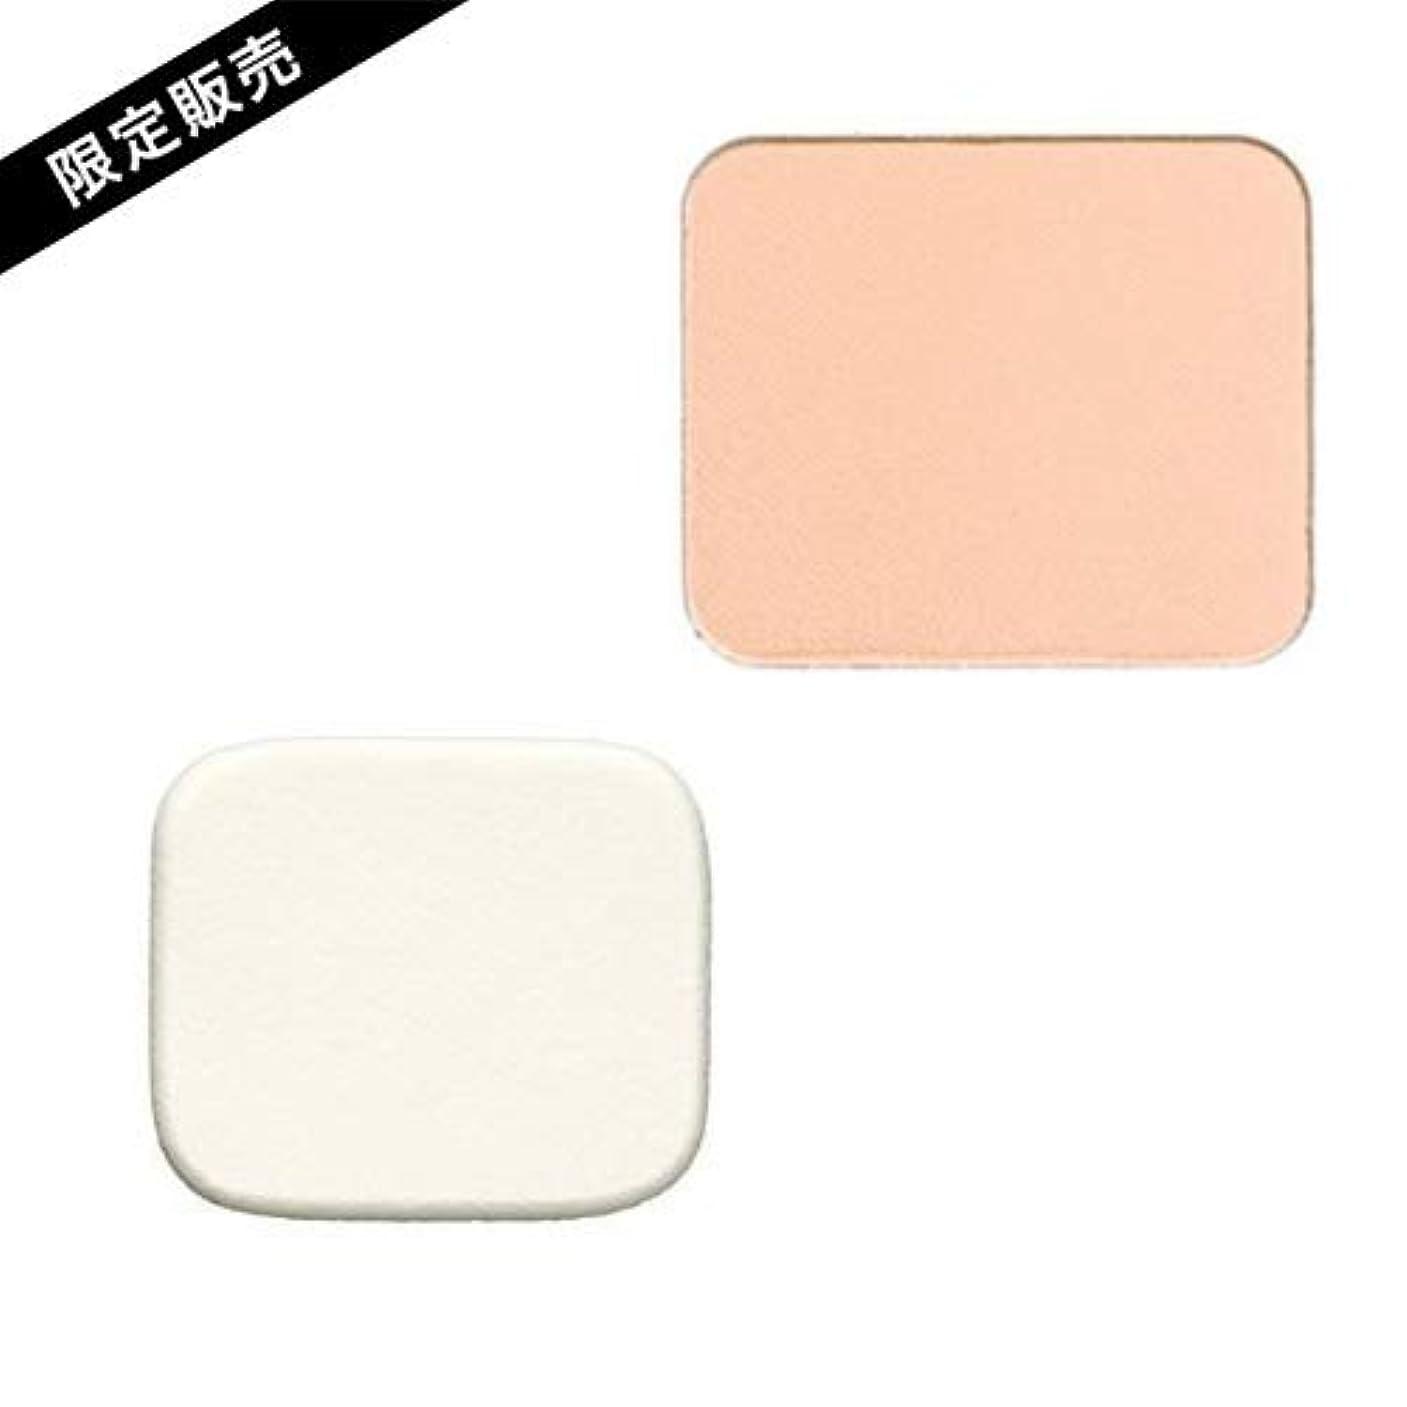 交渉する香水法的ドクターシーラボ BBパーフェクト ファンデーション WHITE377プラス シャイニーピンク(Shiny Pink) 12g SPF25 PA++【レフィルスポンジ付き】